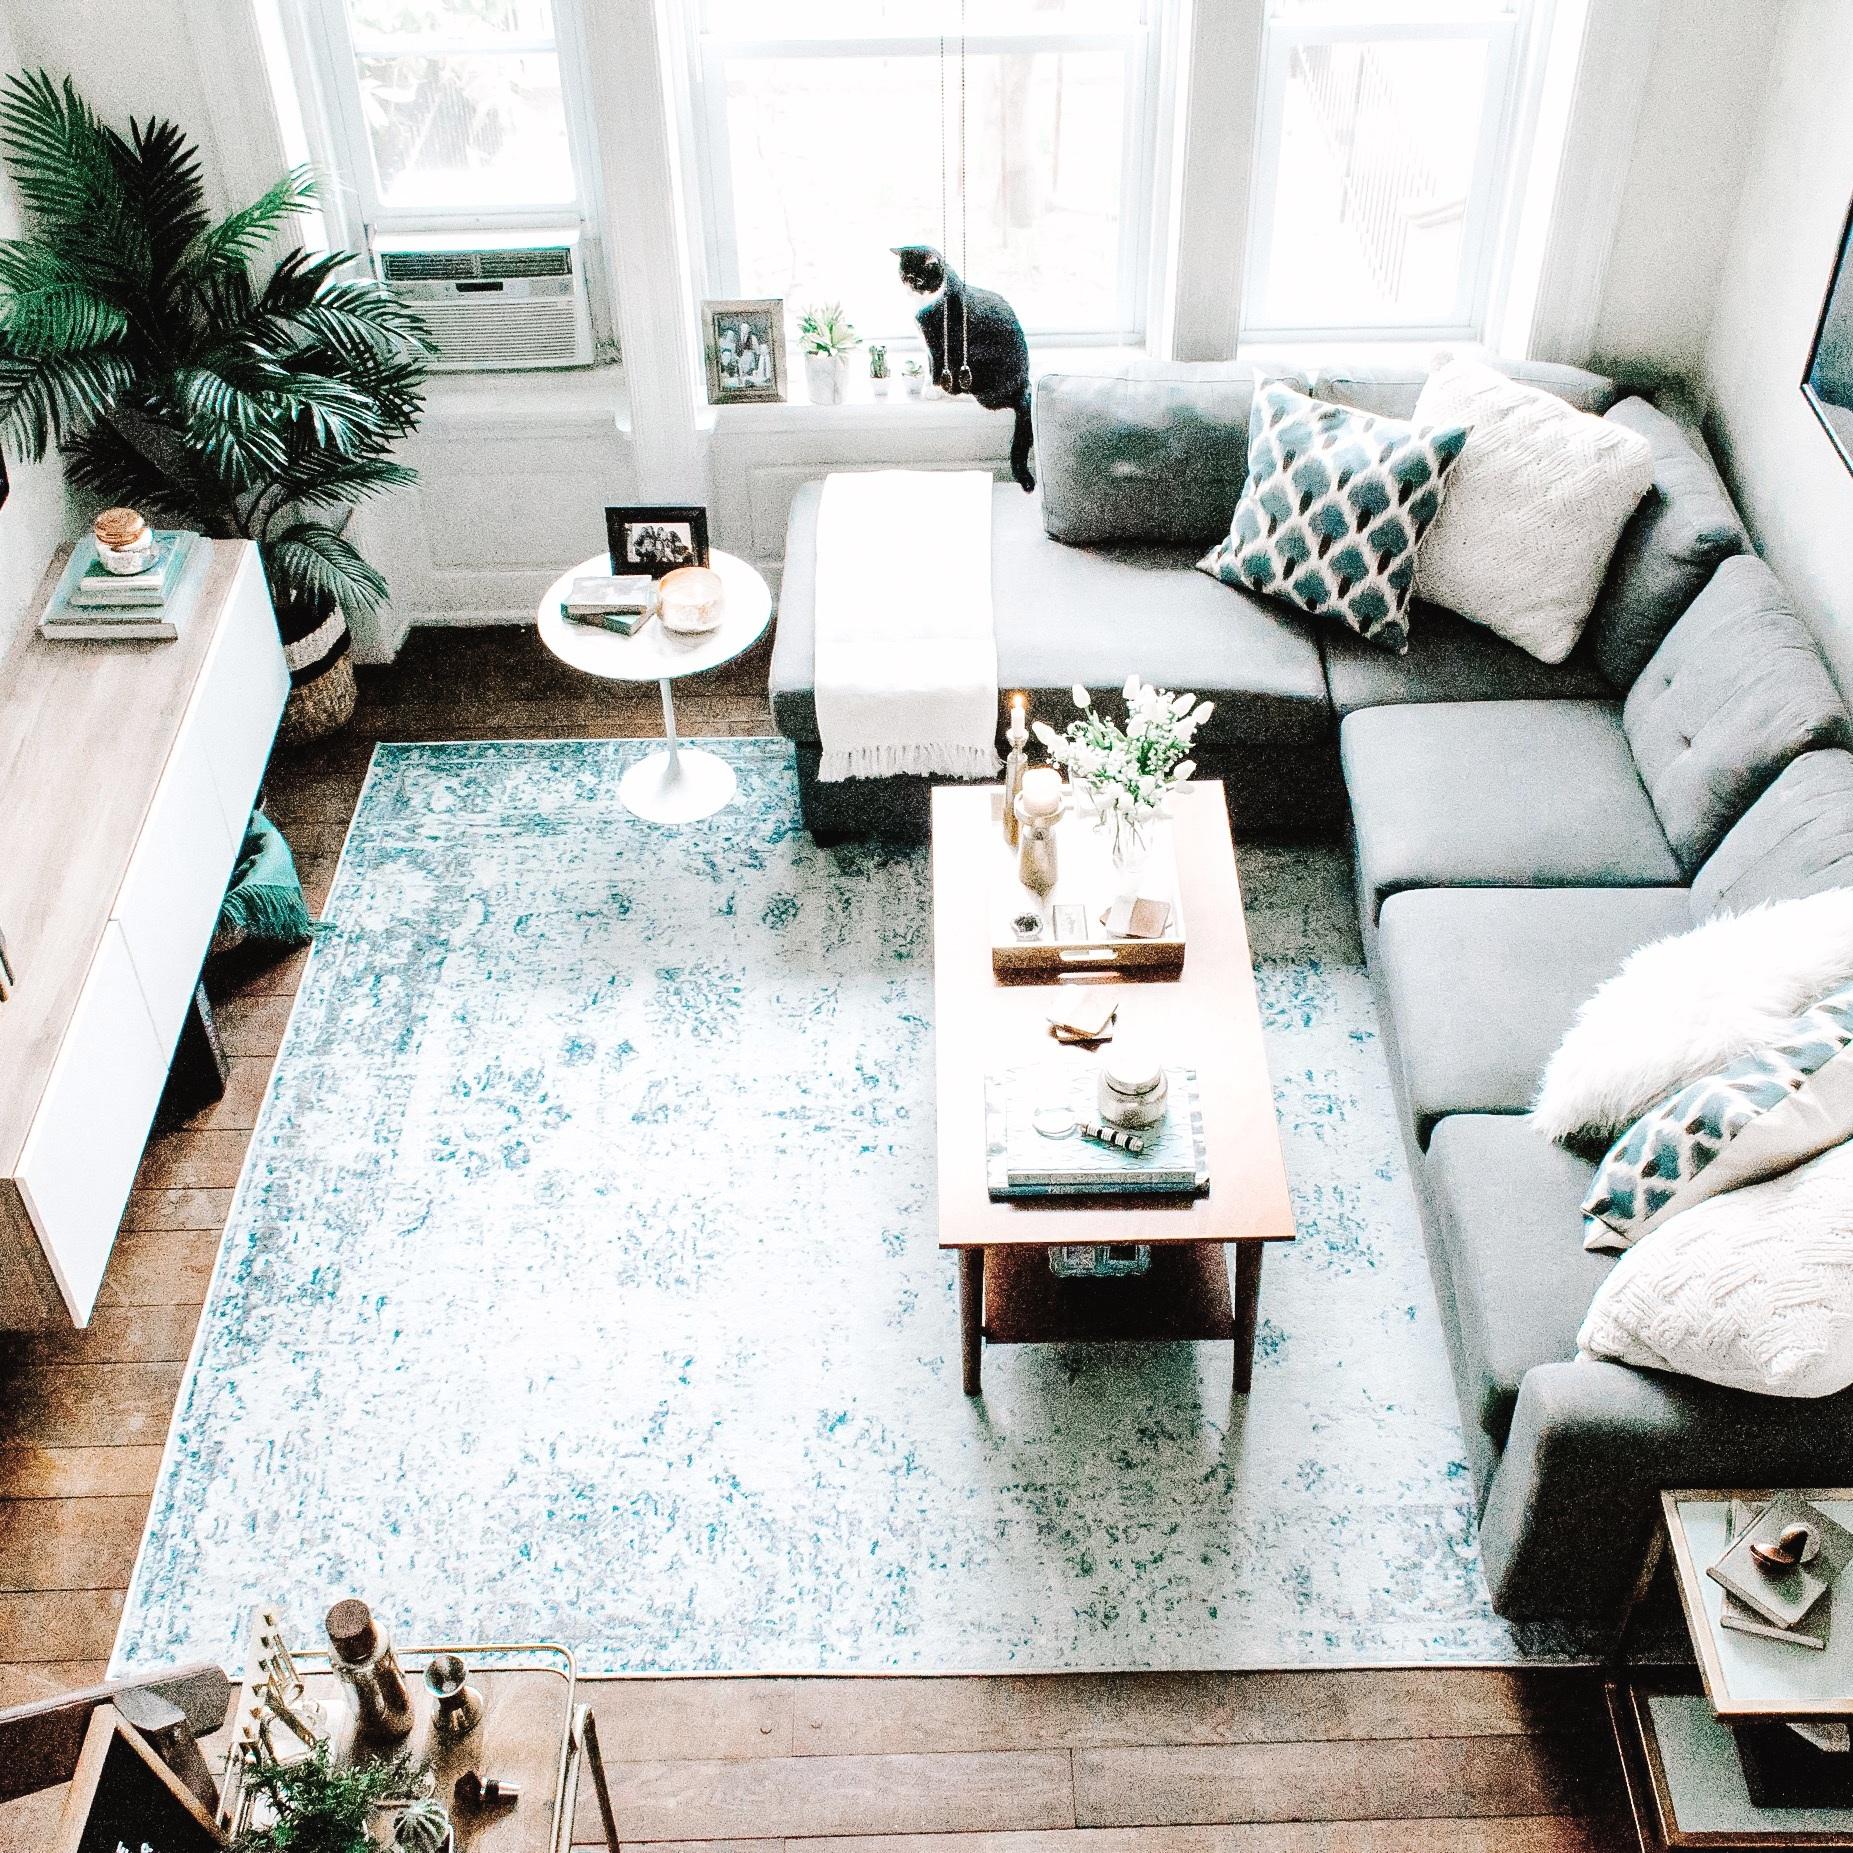 Living_Room-2_square.jpg